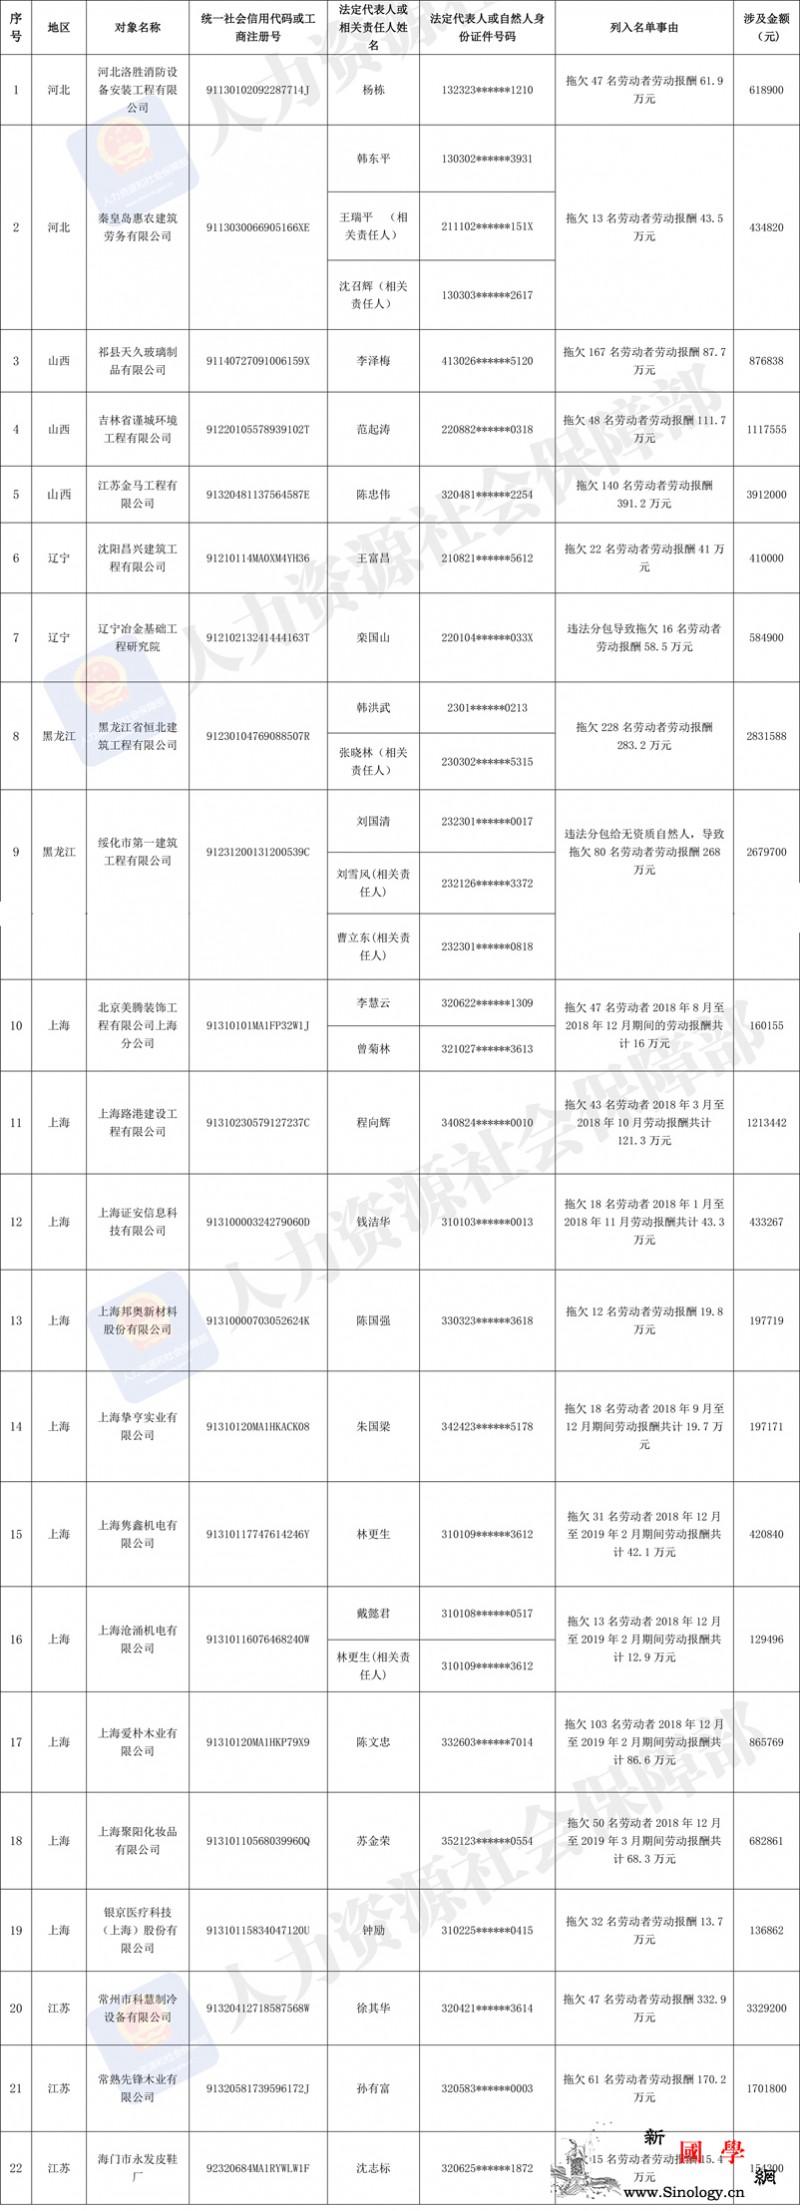 人社部发布2019年第三批拖欠农民工_拖欠-社会保障部-农民工工资-